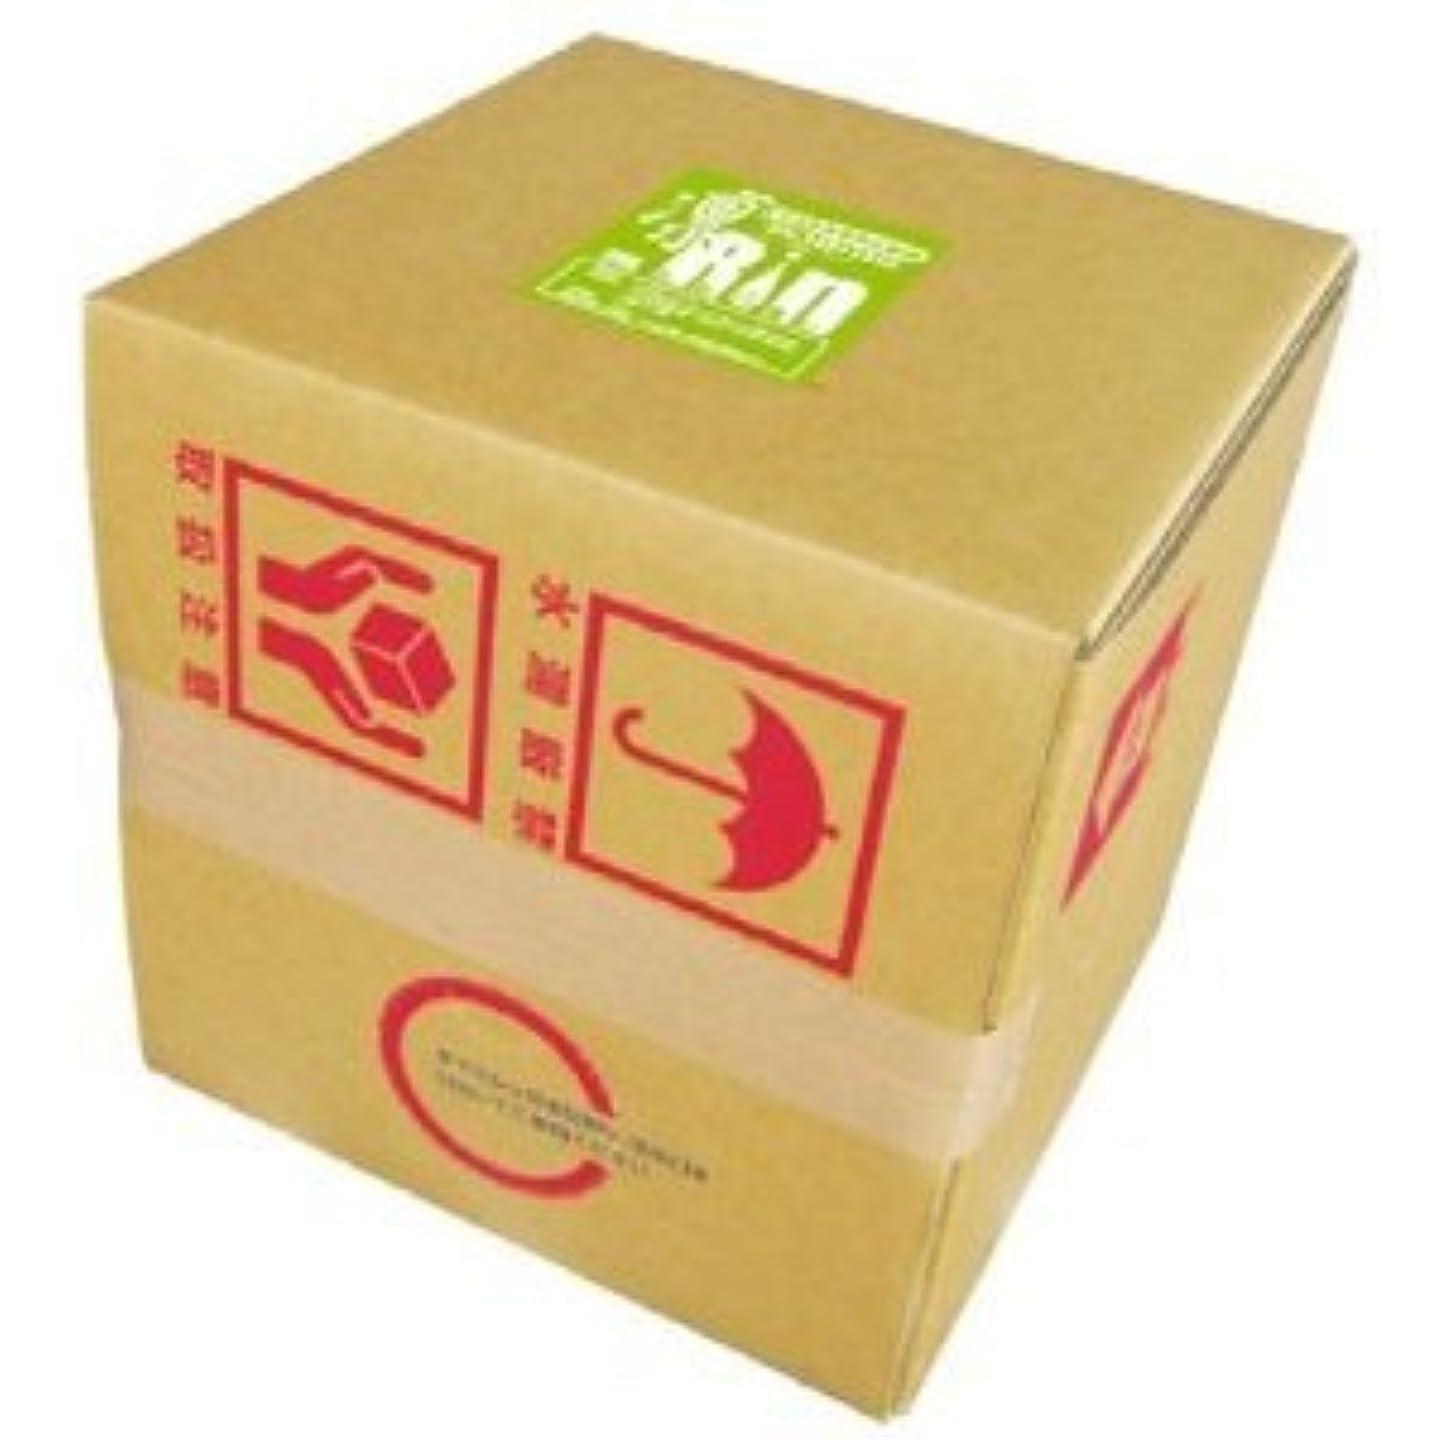 気難しいトークン骨くさの葉化粧品 ボディソープ 凛 20リットル 箱